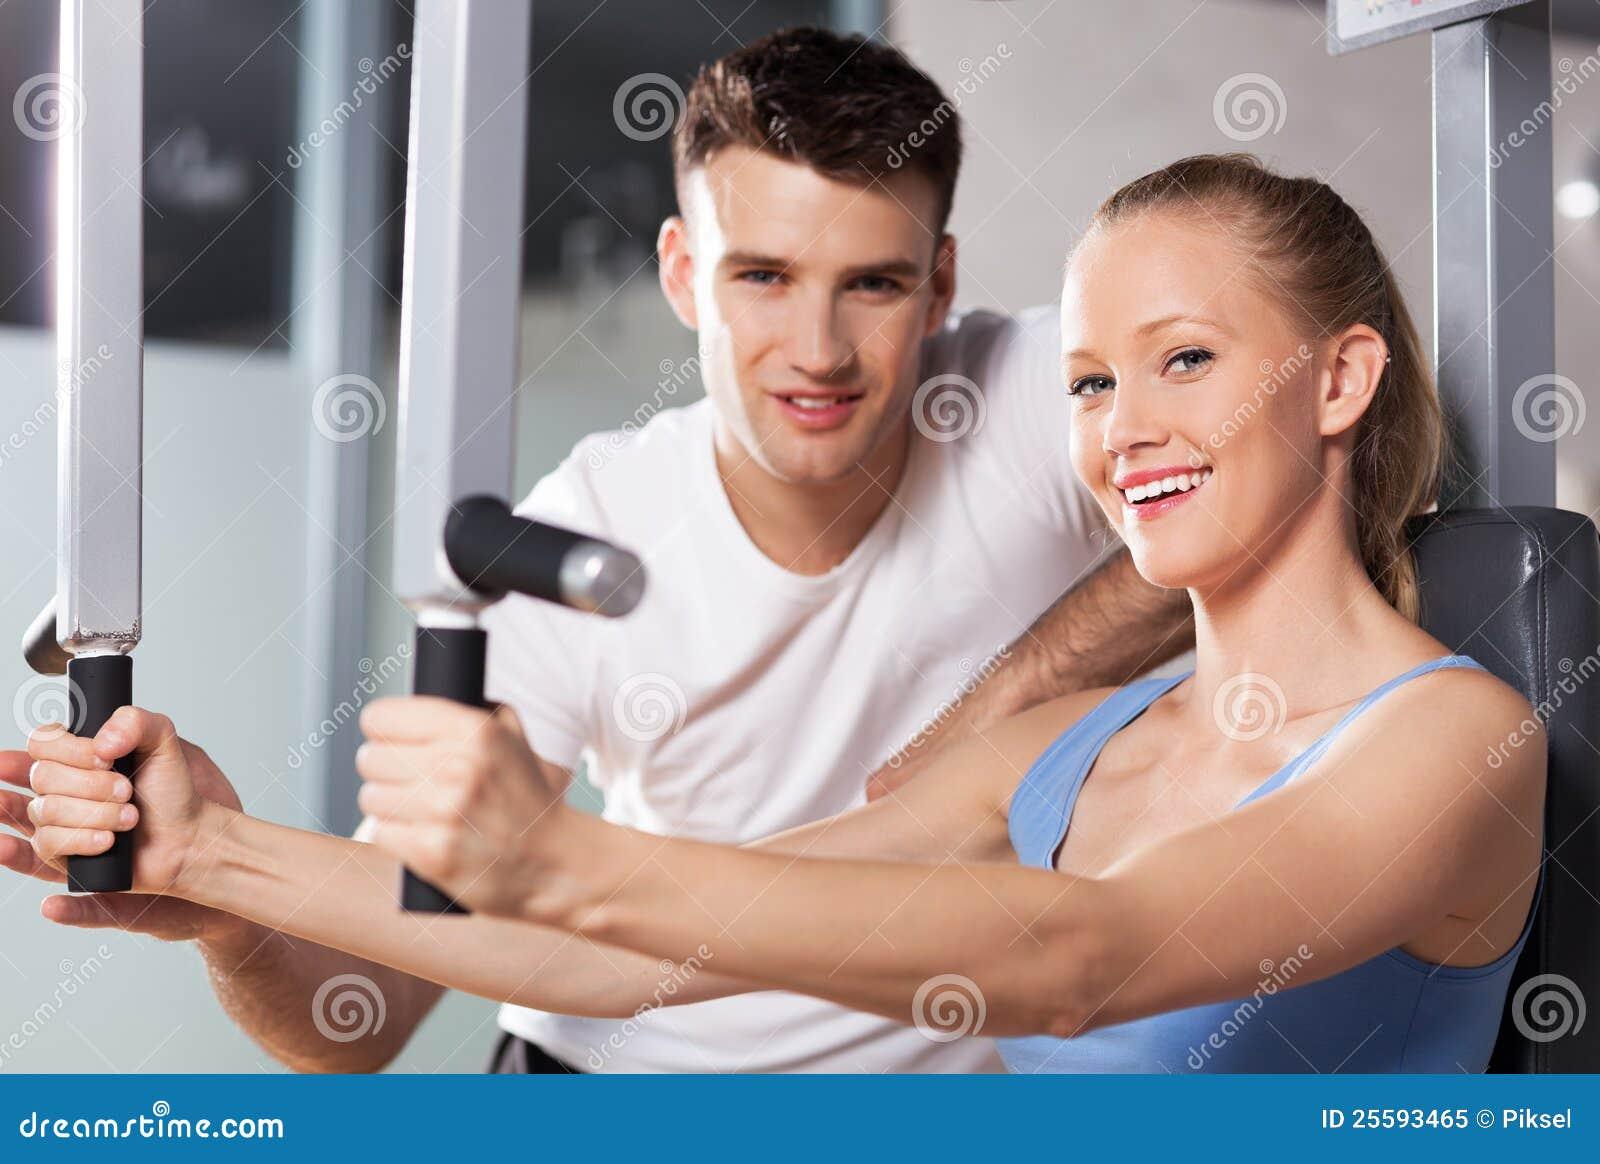 пары работая гимнастику